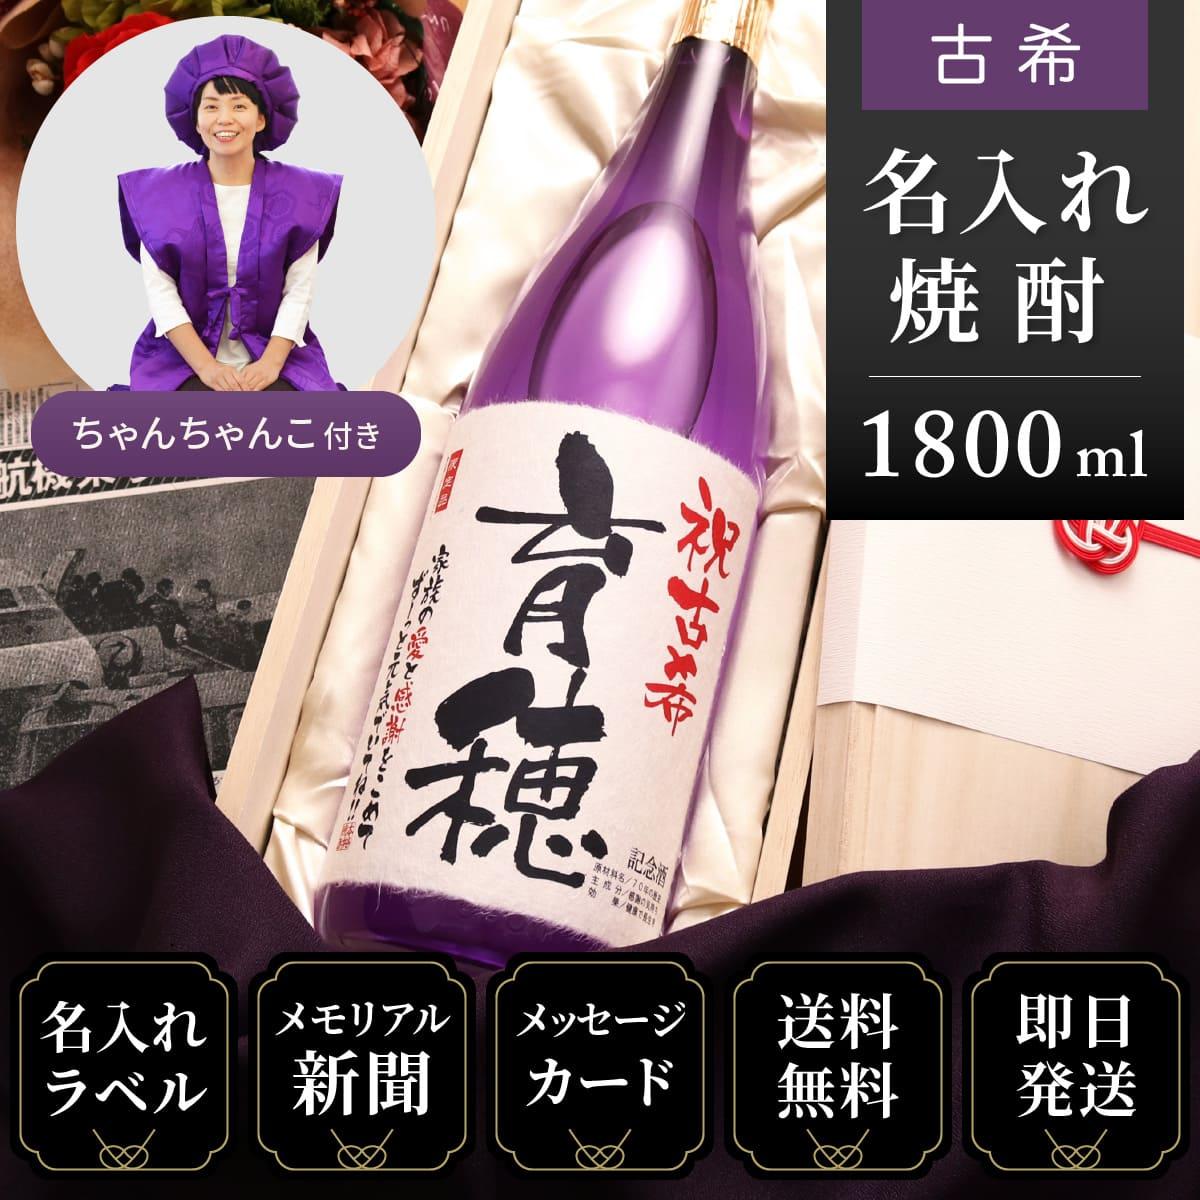 古希ちゃんちゃんこ(日本製)と紫瓶セット「華乃菫」1800ml(酒粕焼酎)